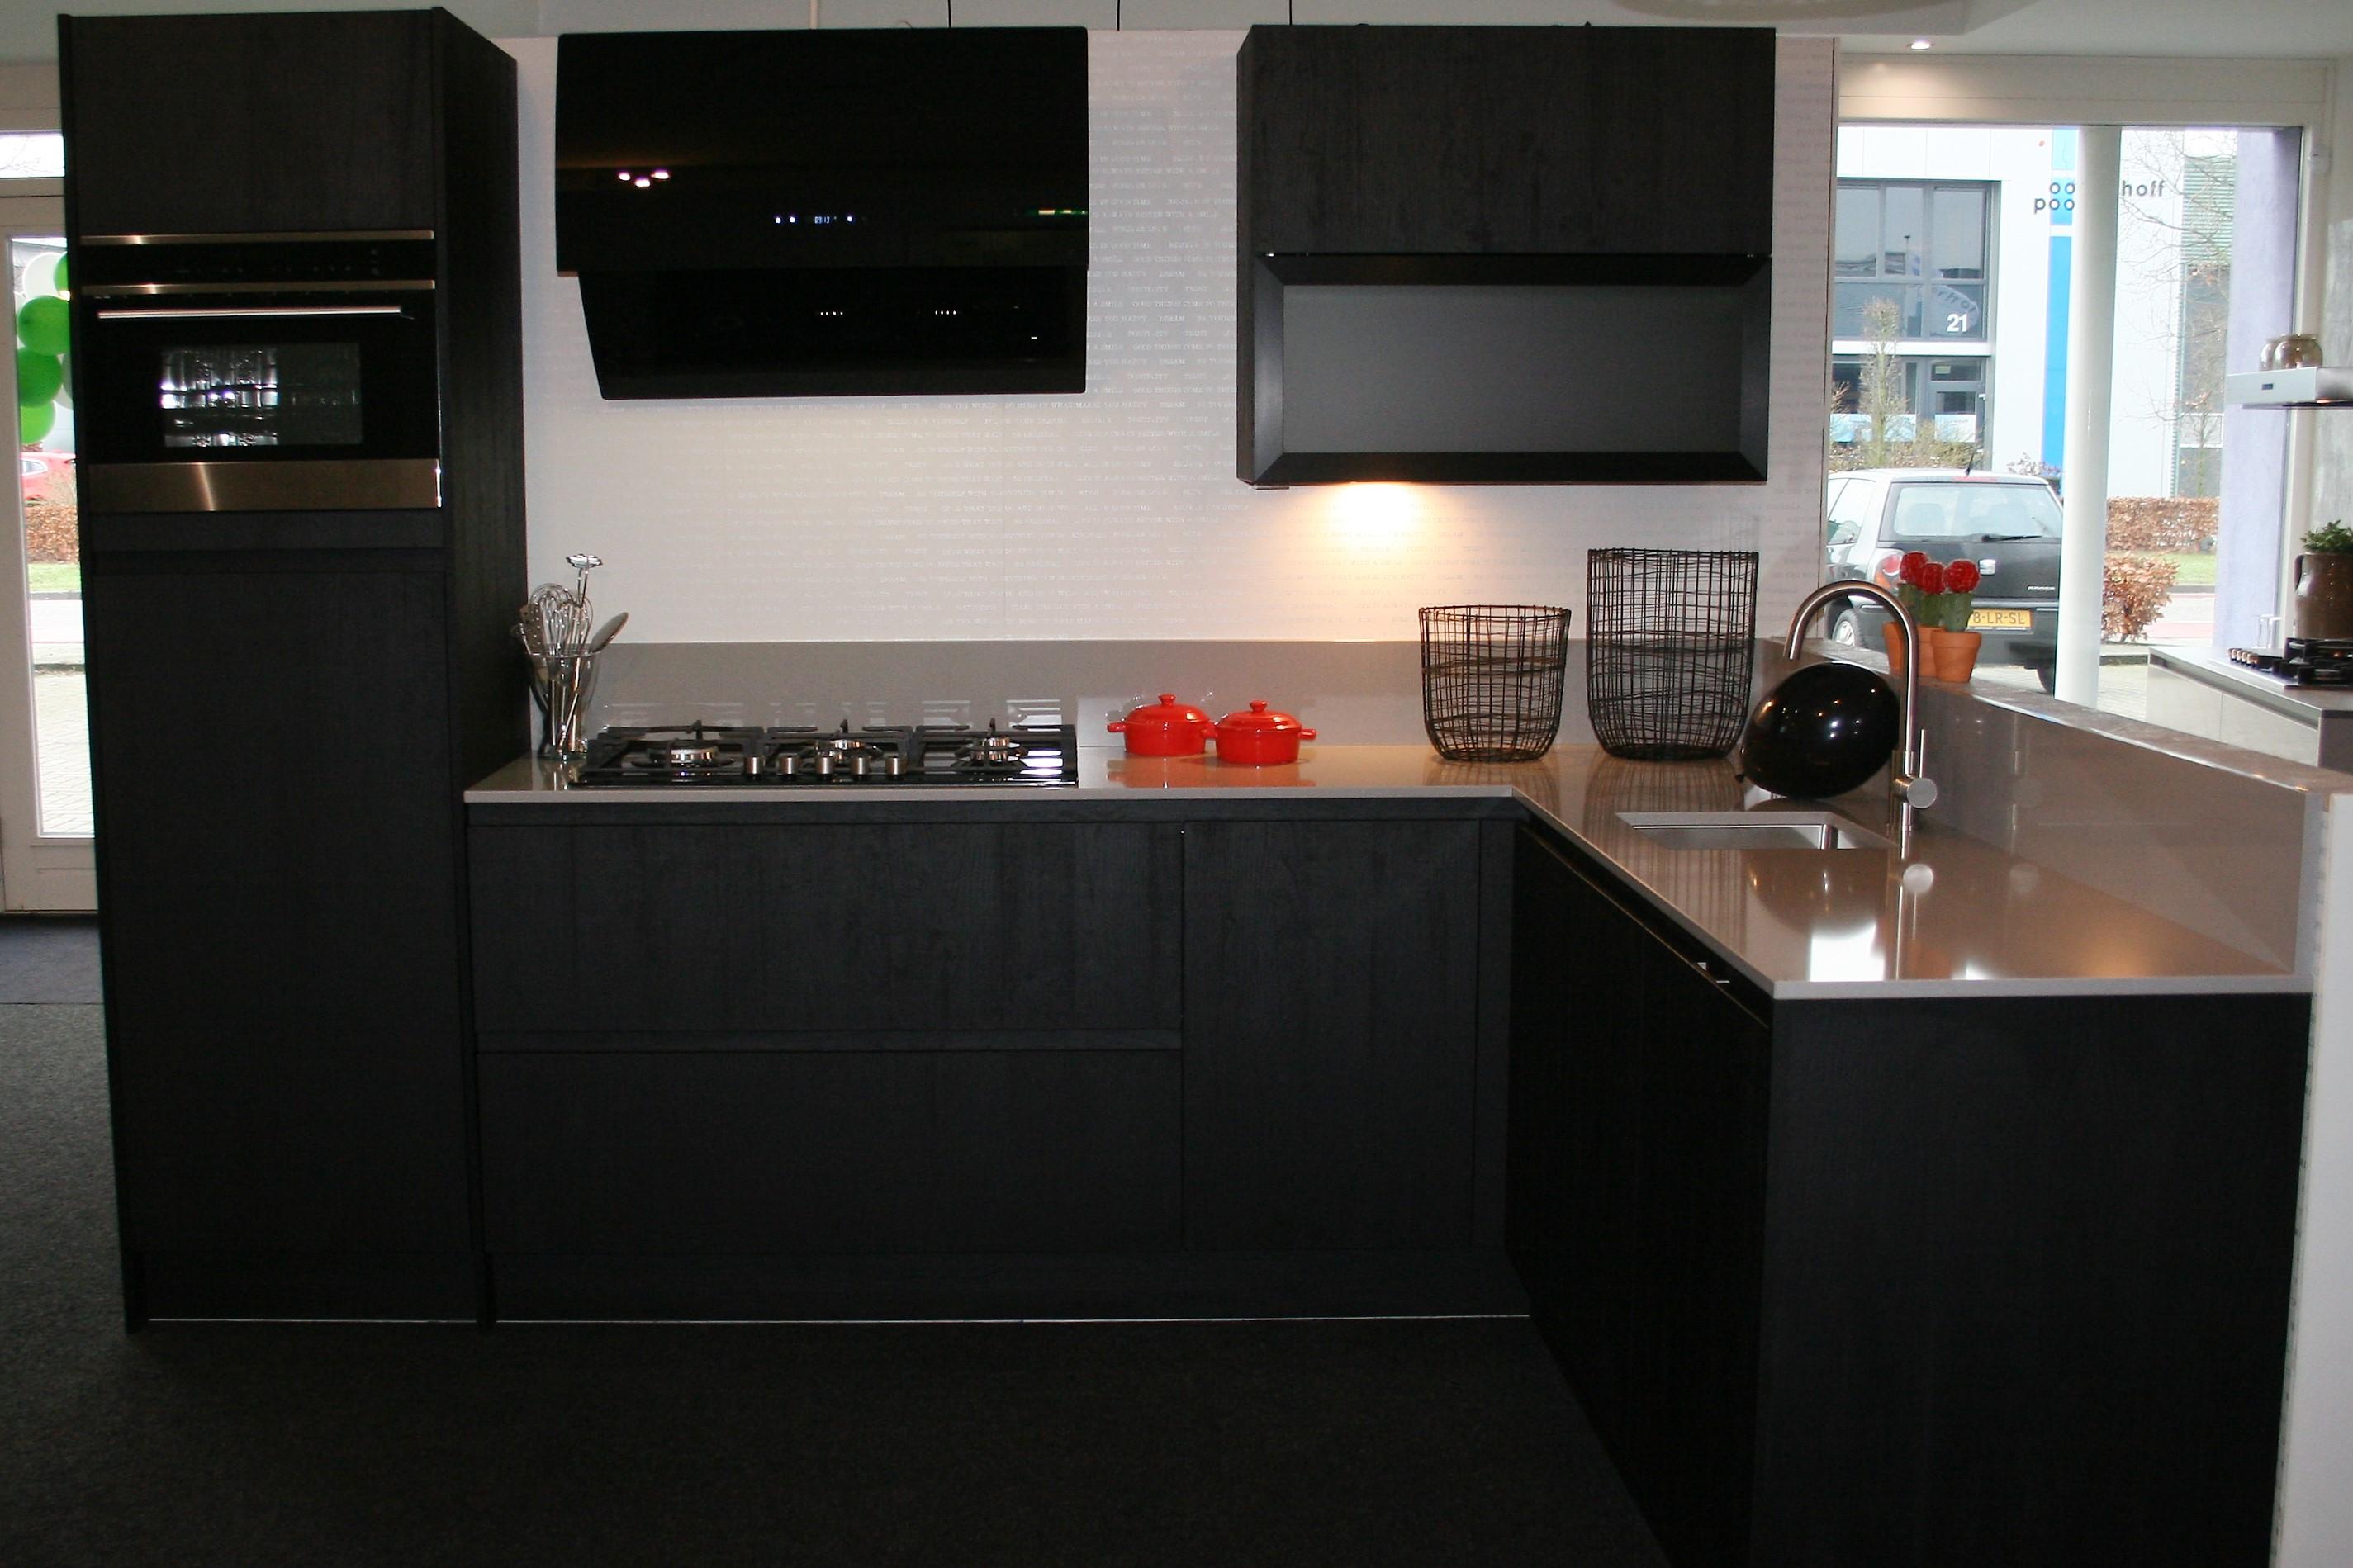 Keuken nero imming keukens